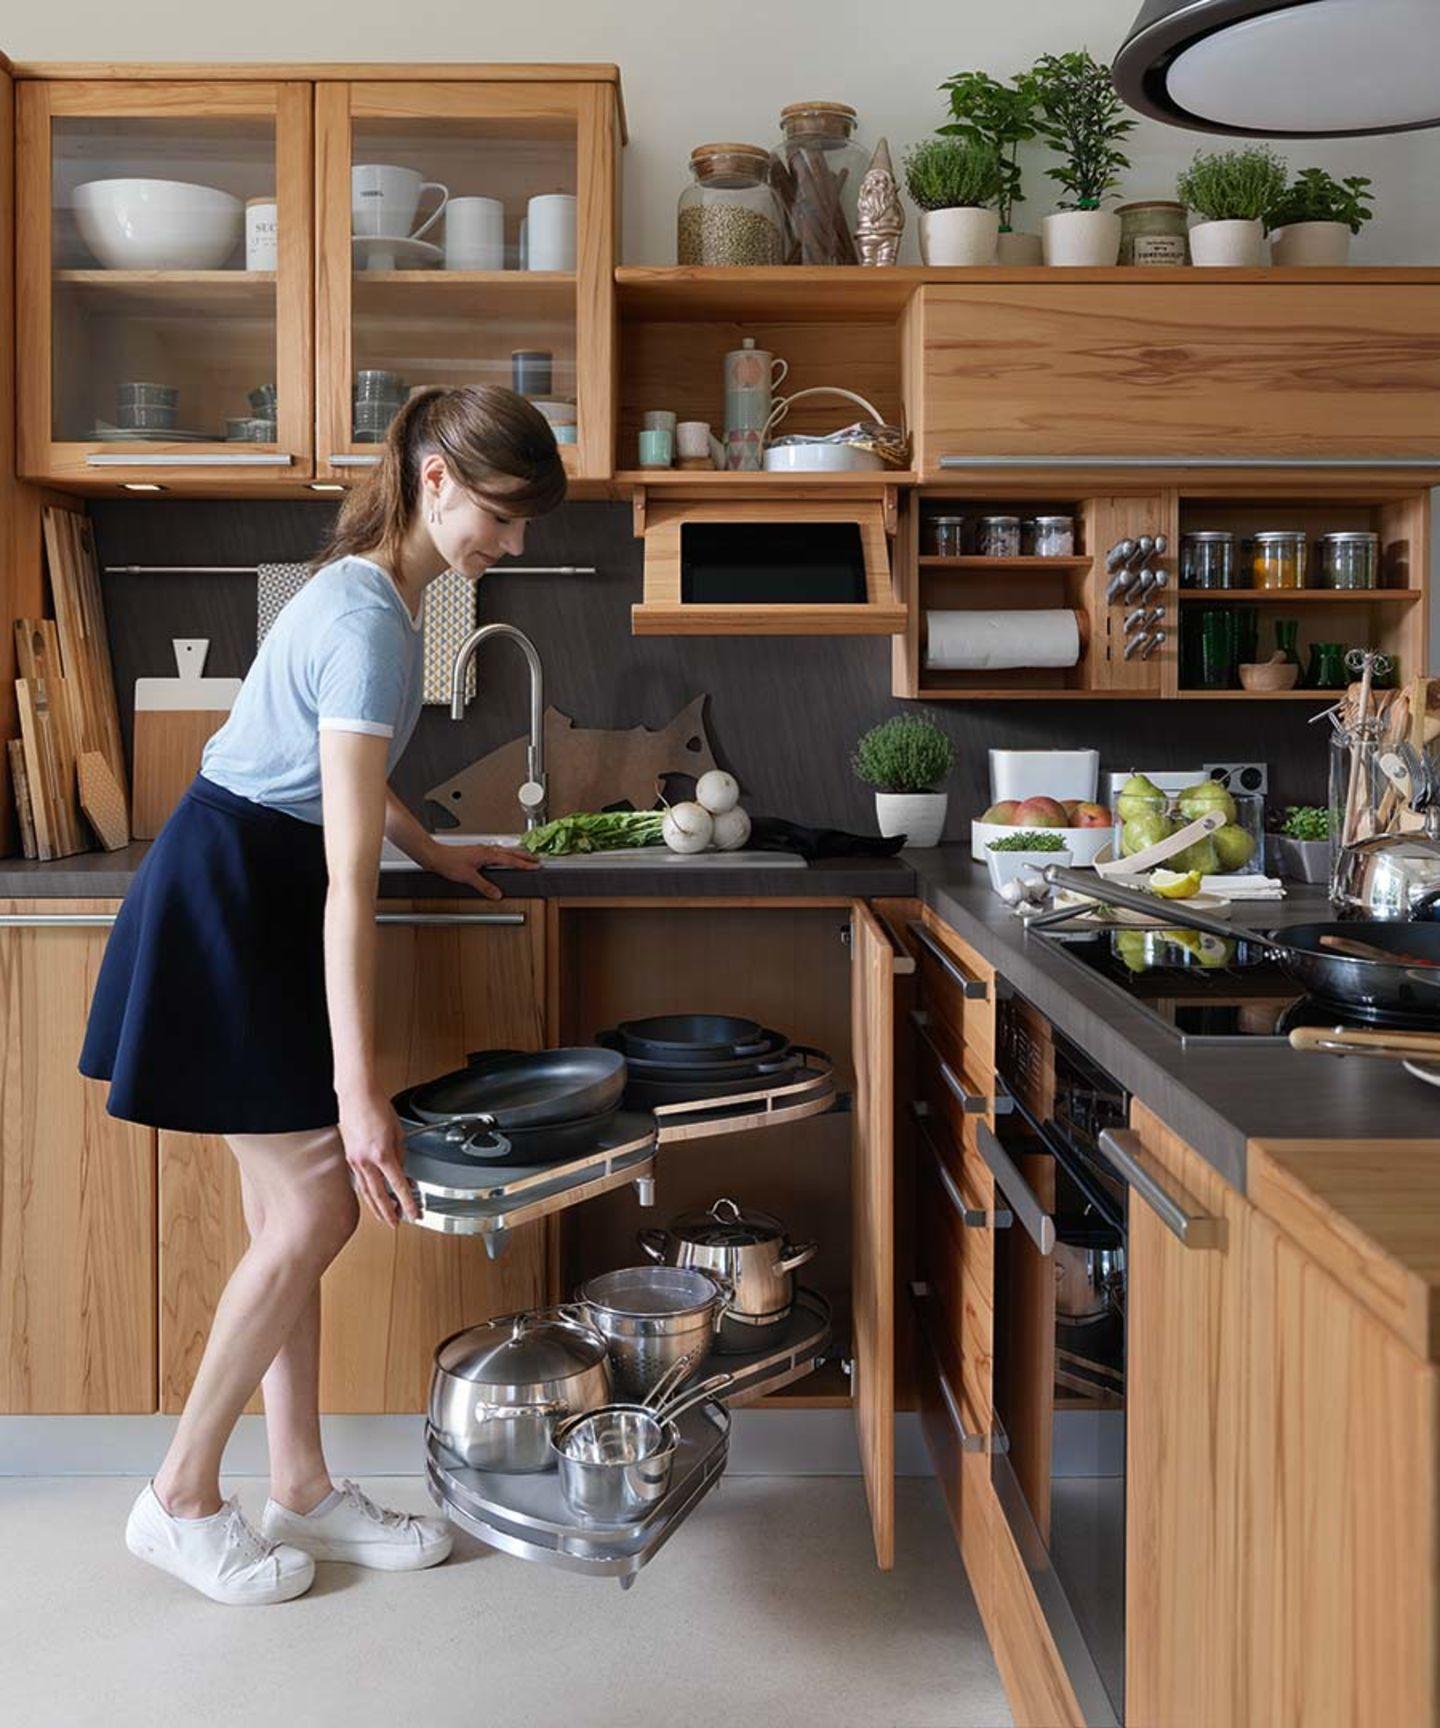 Full Size of Eckunterschrank Küche 60x60 Ikea Eckschrank Kche Nobilia Auszug Apothekerschrank Theke Pendelleuchten Einzelschränke Aufbewahrung Inselküche Betten Bei Wohnzimmer Eckunterschrank Küche 60x60 Ikea